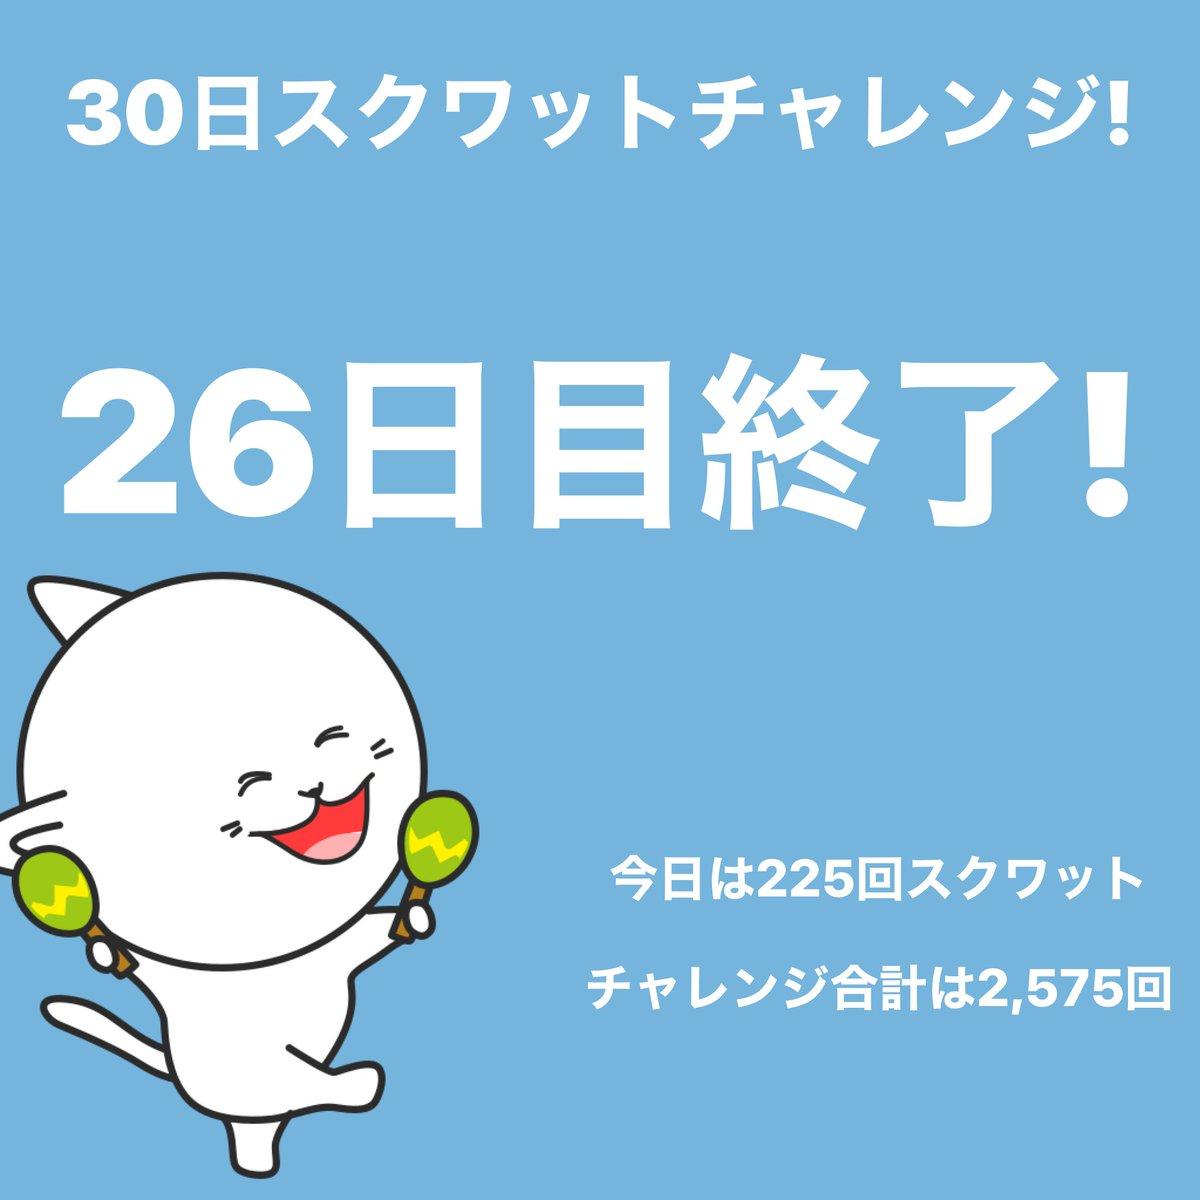 #スクワットチャレンジ 26日目終了!今日は225回スクワットしました。 #30日チャレンジ スクワットなんかやっておりますが今日は残業...